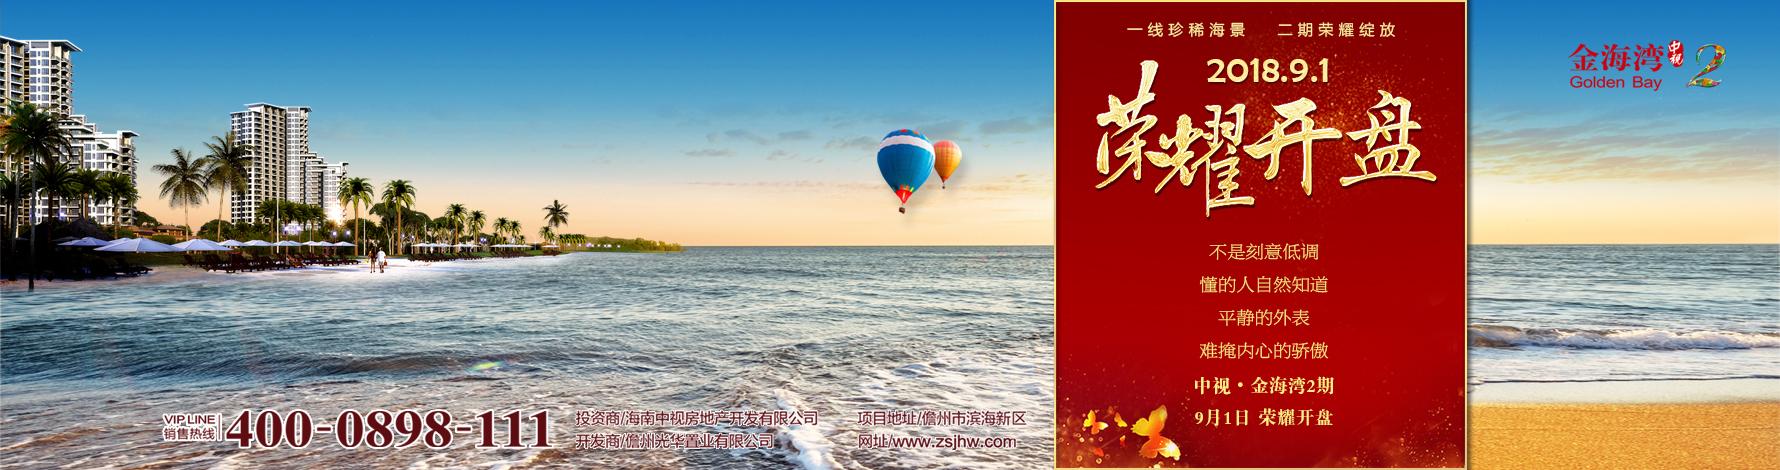 必威体育手机版下载·金海湾